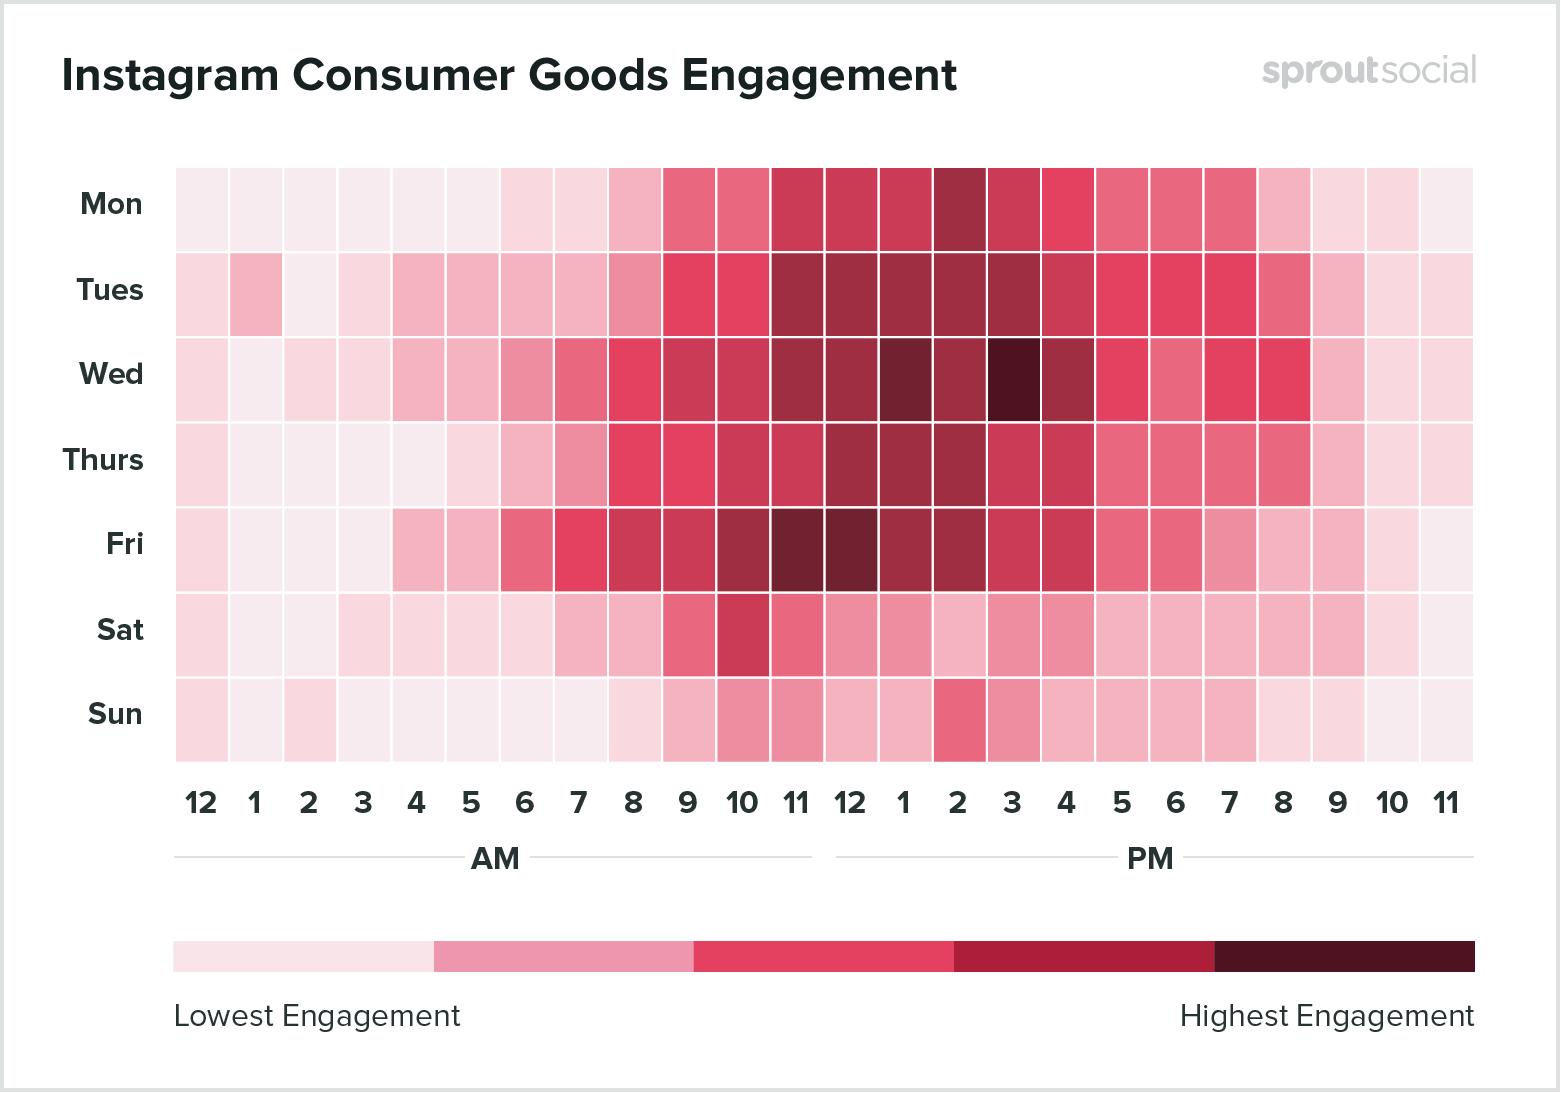 Лучшее время для публикации о товарах в Instagram - данные на 2020 год